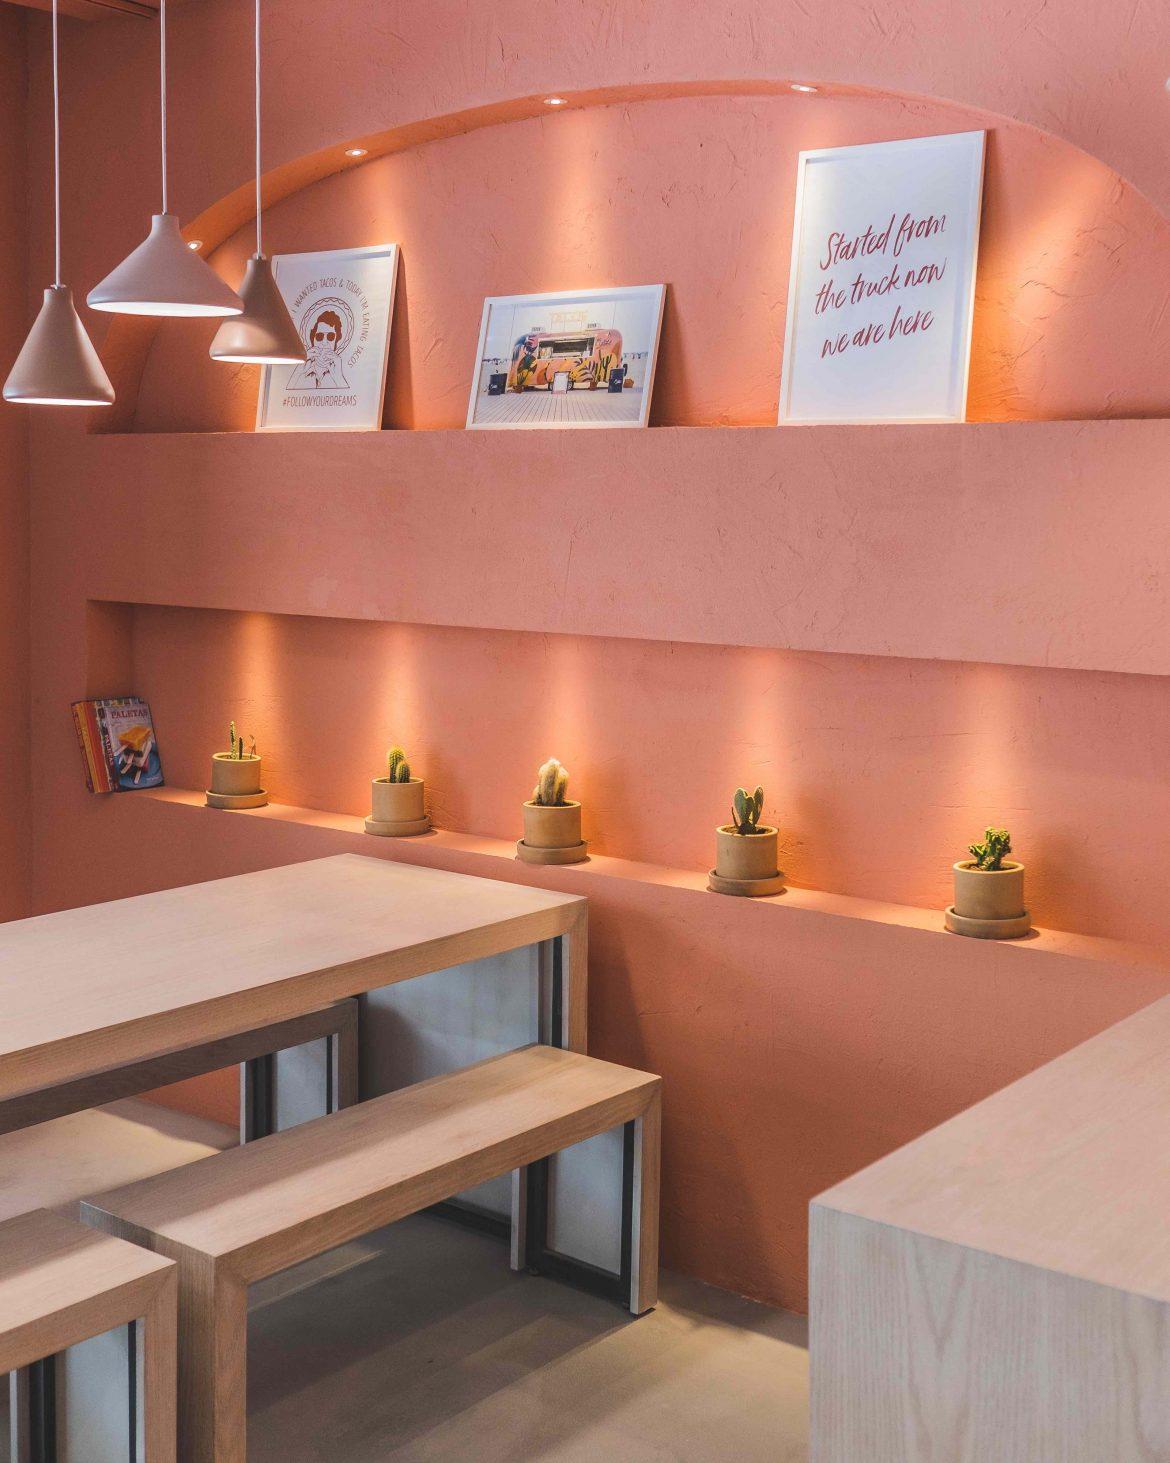 مطعم مايز تاكو المكسيكي يفتتح أحدث فروعه في دبي